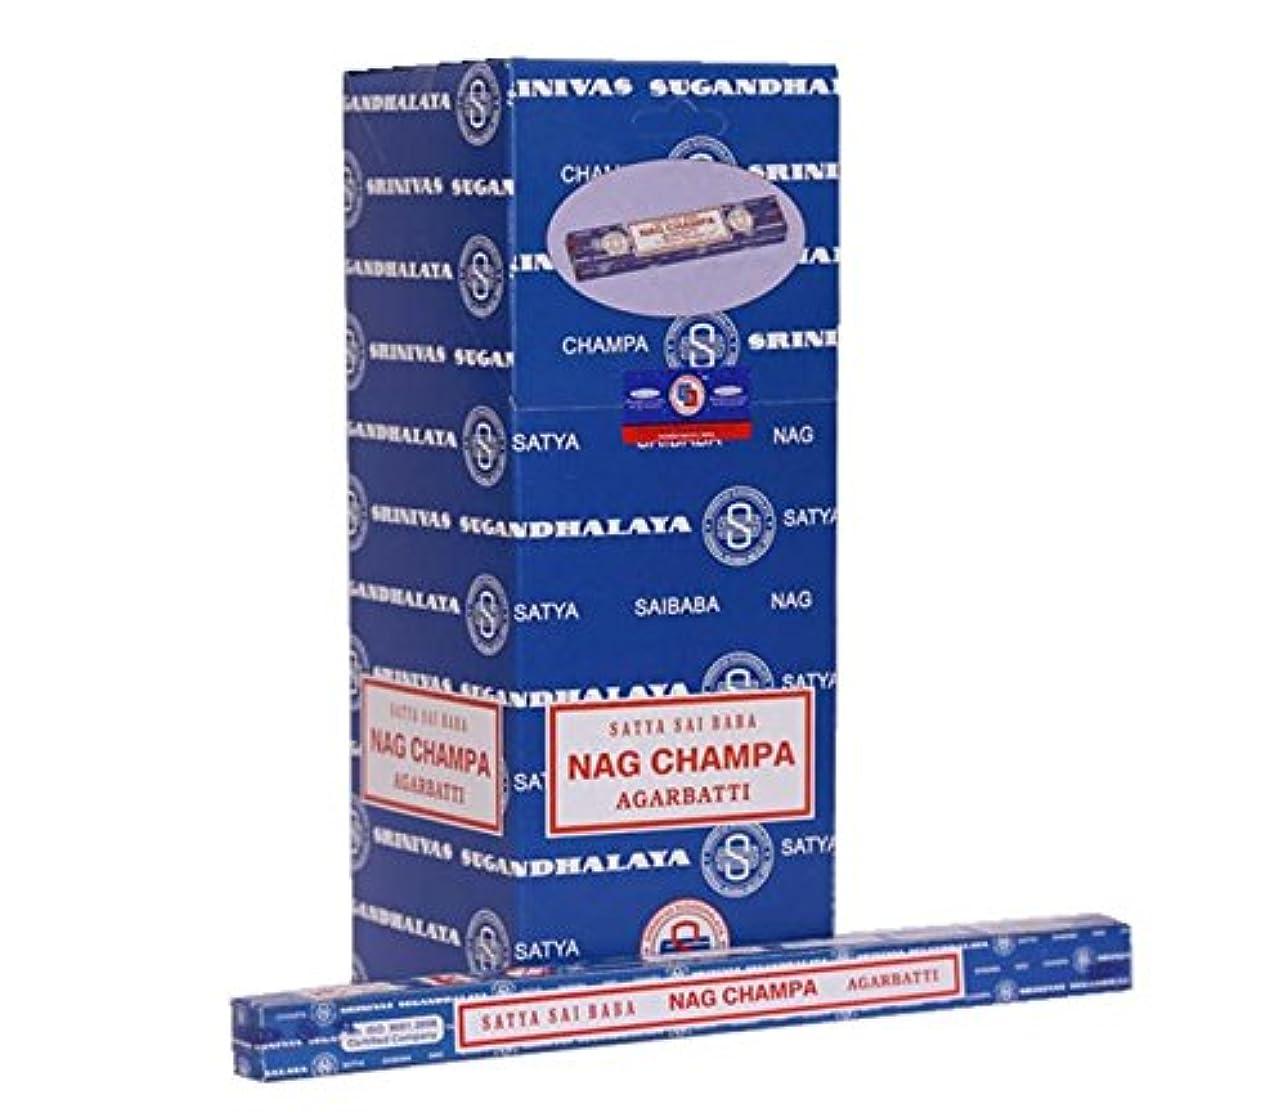 肘グラマーセラーSAI BABA Nag Champa Satyaお香250グラム| 25パックの10グラム各in aボックス|エクスポート品質